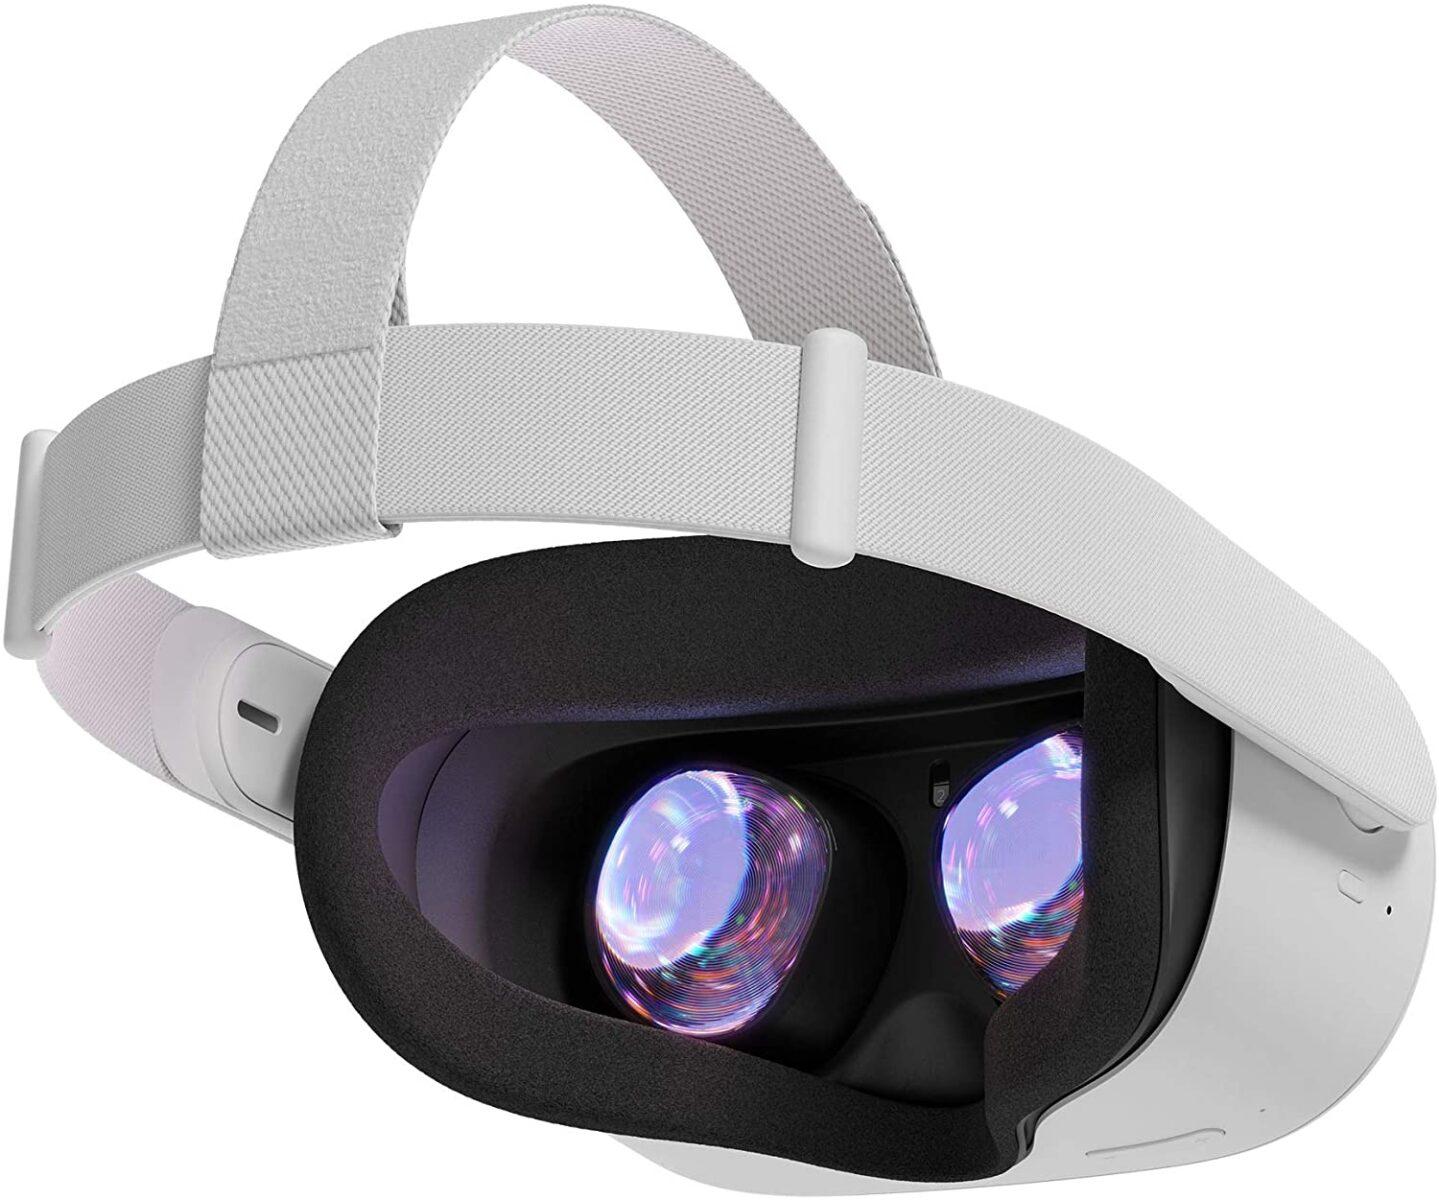 Disponibile Oculus Quest 2, migliora tutto e costa meno